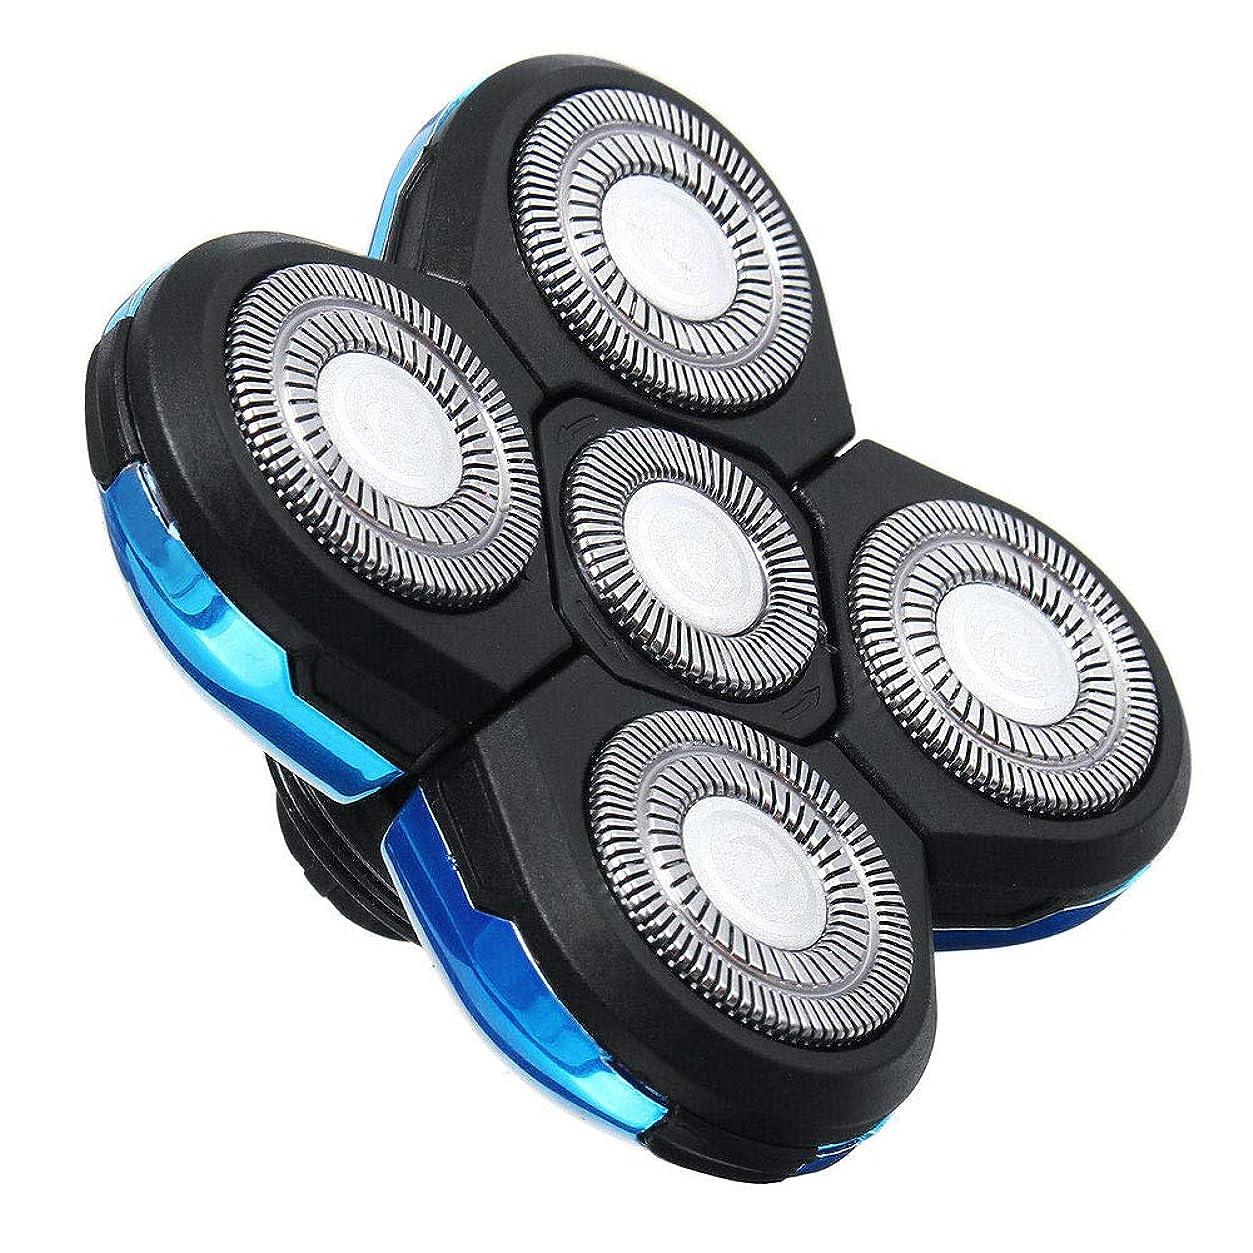 癒す邪魔ヘリコプターシェーバー5 sヘアトリマー髭ユニバーサル耐久性のある高速ブレードカッター交換簡単インストールフローティング実用シェービング電気かみそりダブルリング(ブルー)